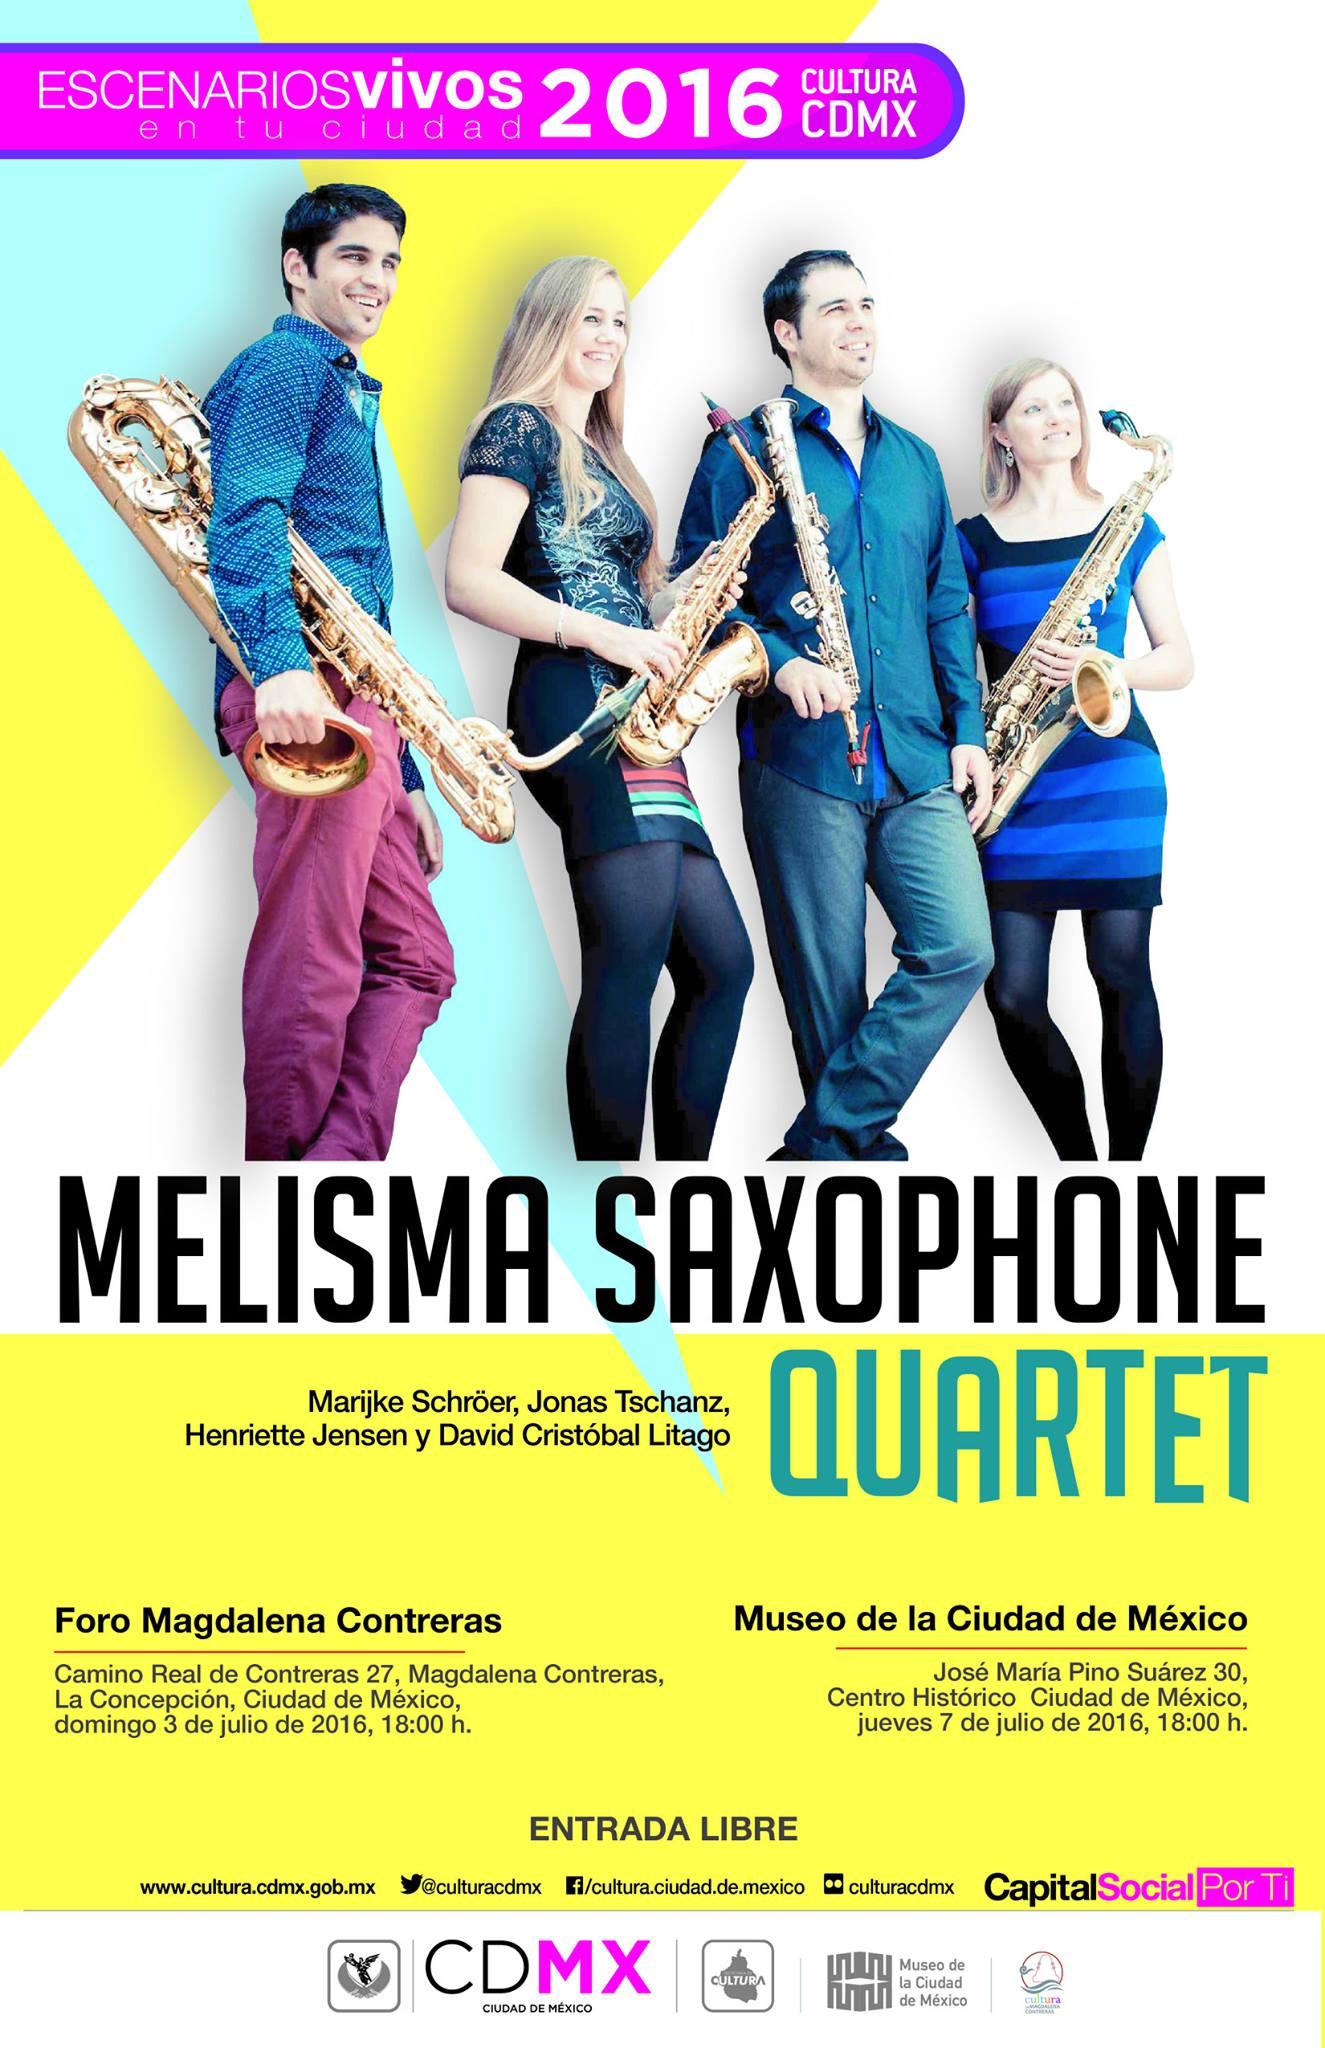 Enrique-Mendoza-CDMX-Melisma-Quartet